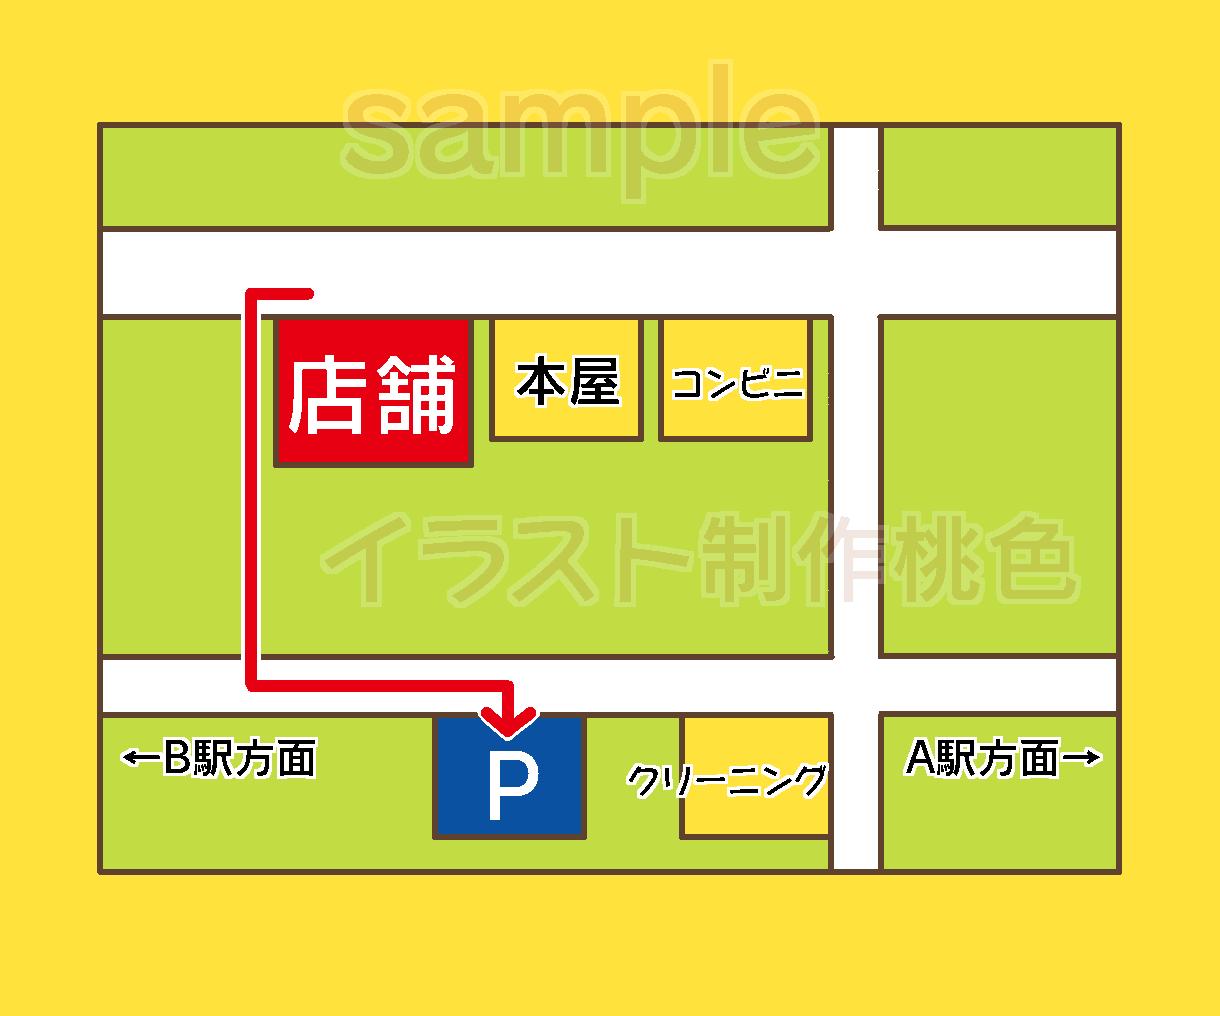 シンプルな地図作成します シンプルな地図を使用したい時に